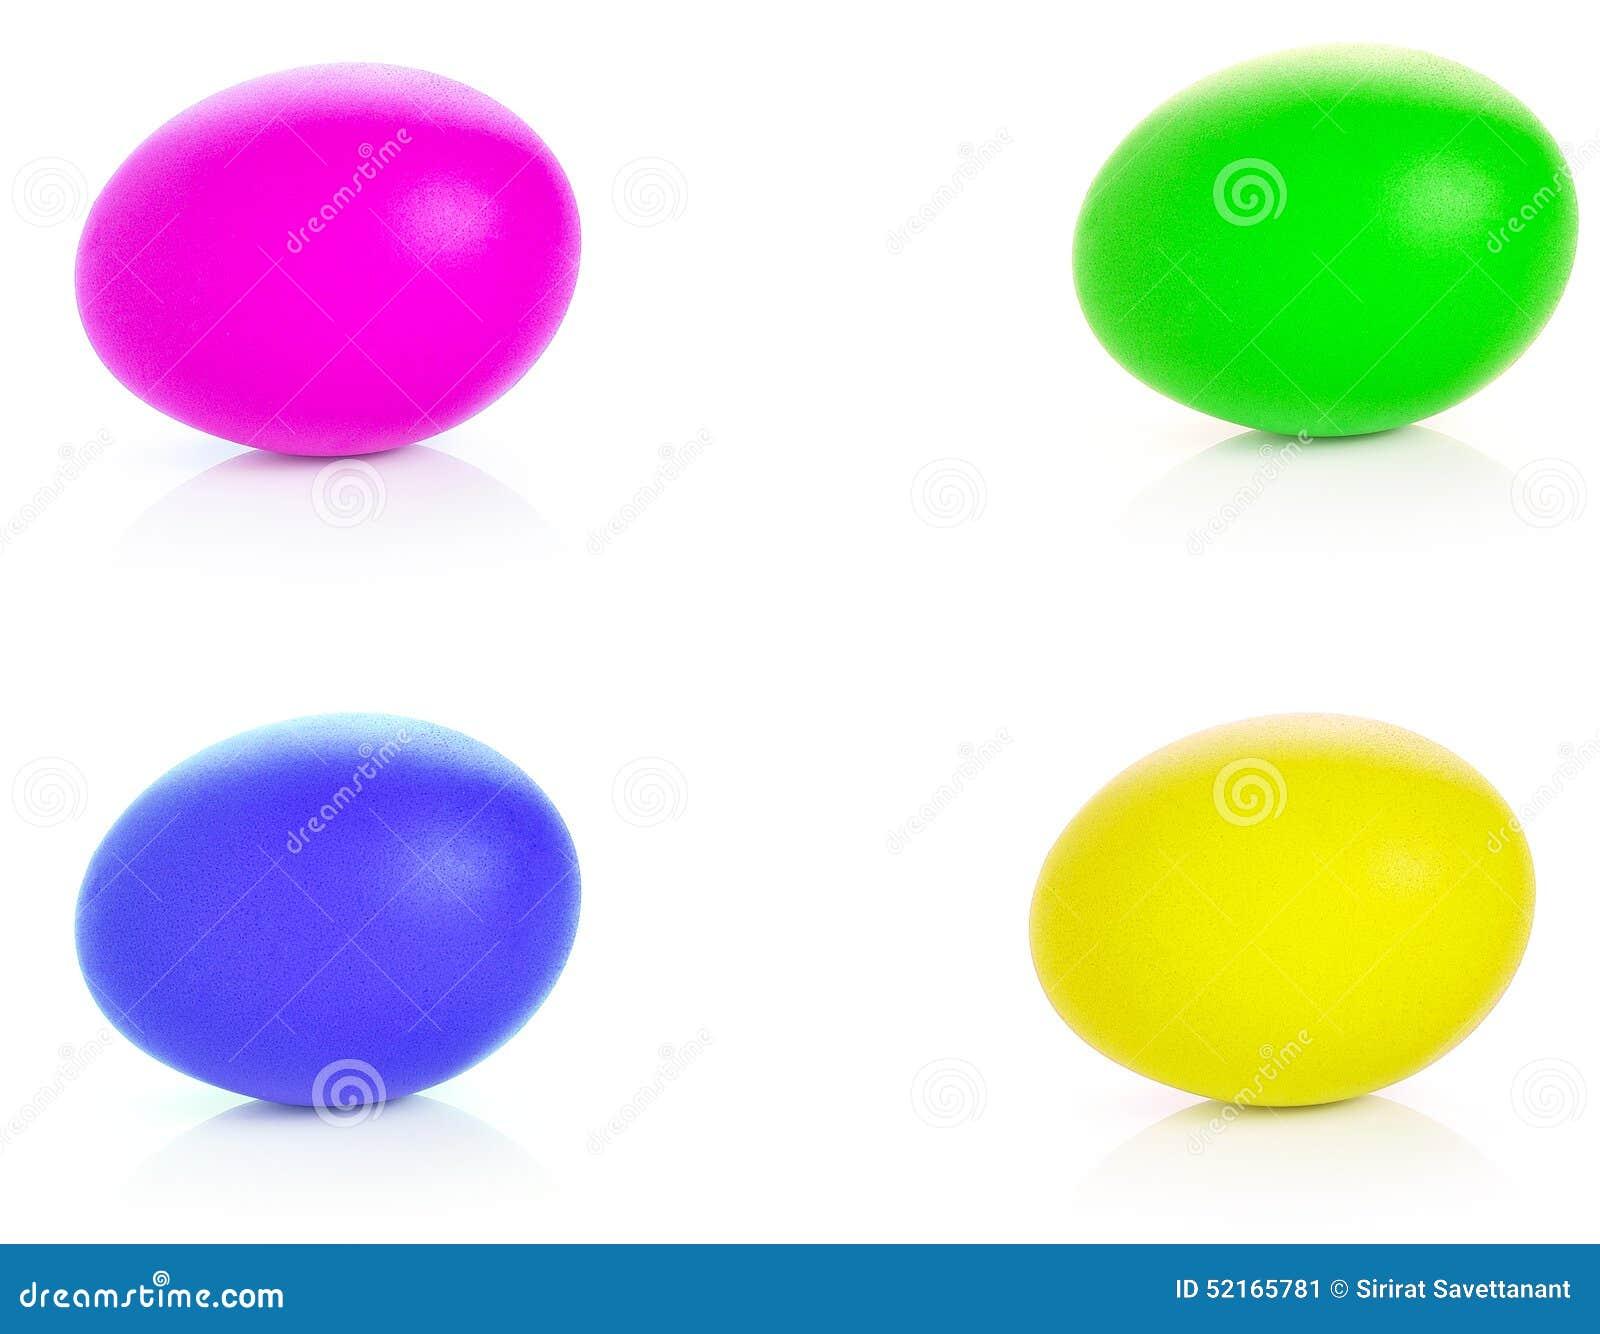 Veelkleurige eieren op witte achtergrond